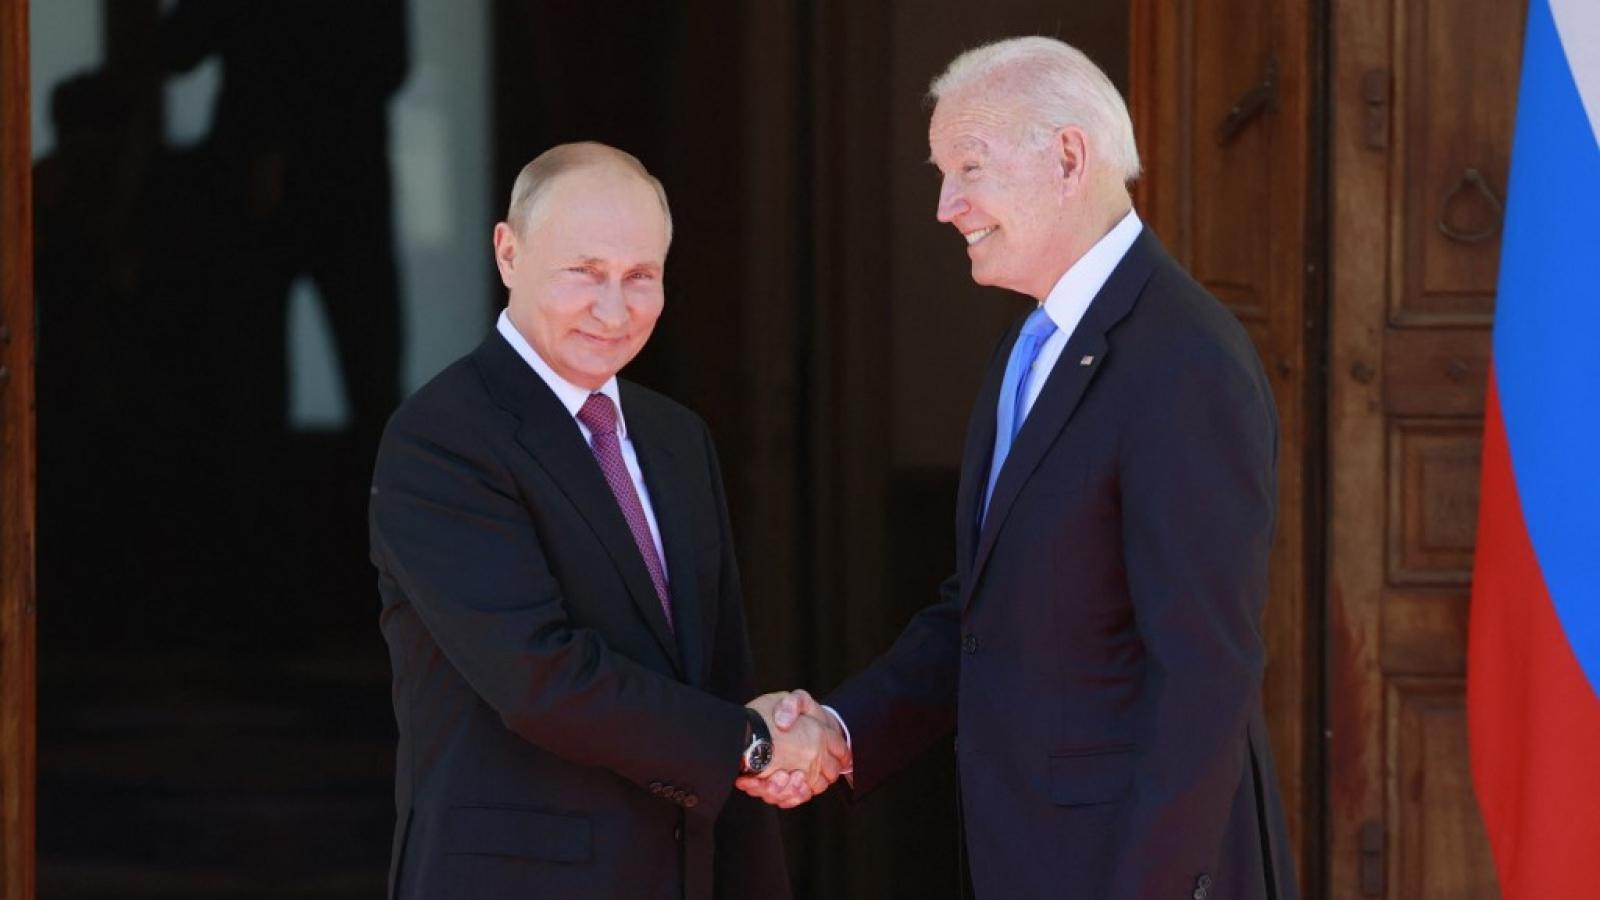 5 điểm nhấn quan trọng tại Hội nghị Thượng đỉnh Nga-Mỹ